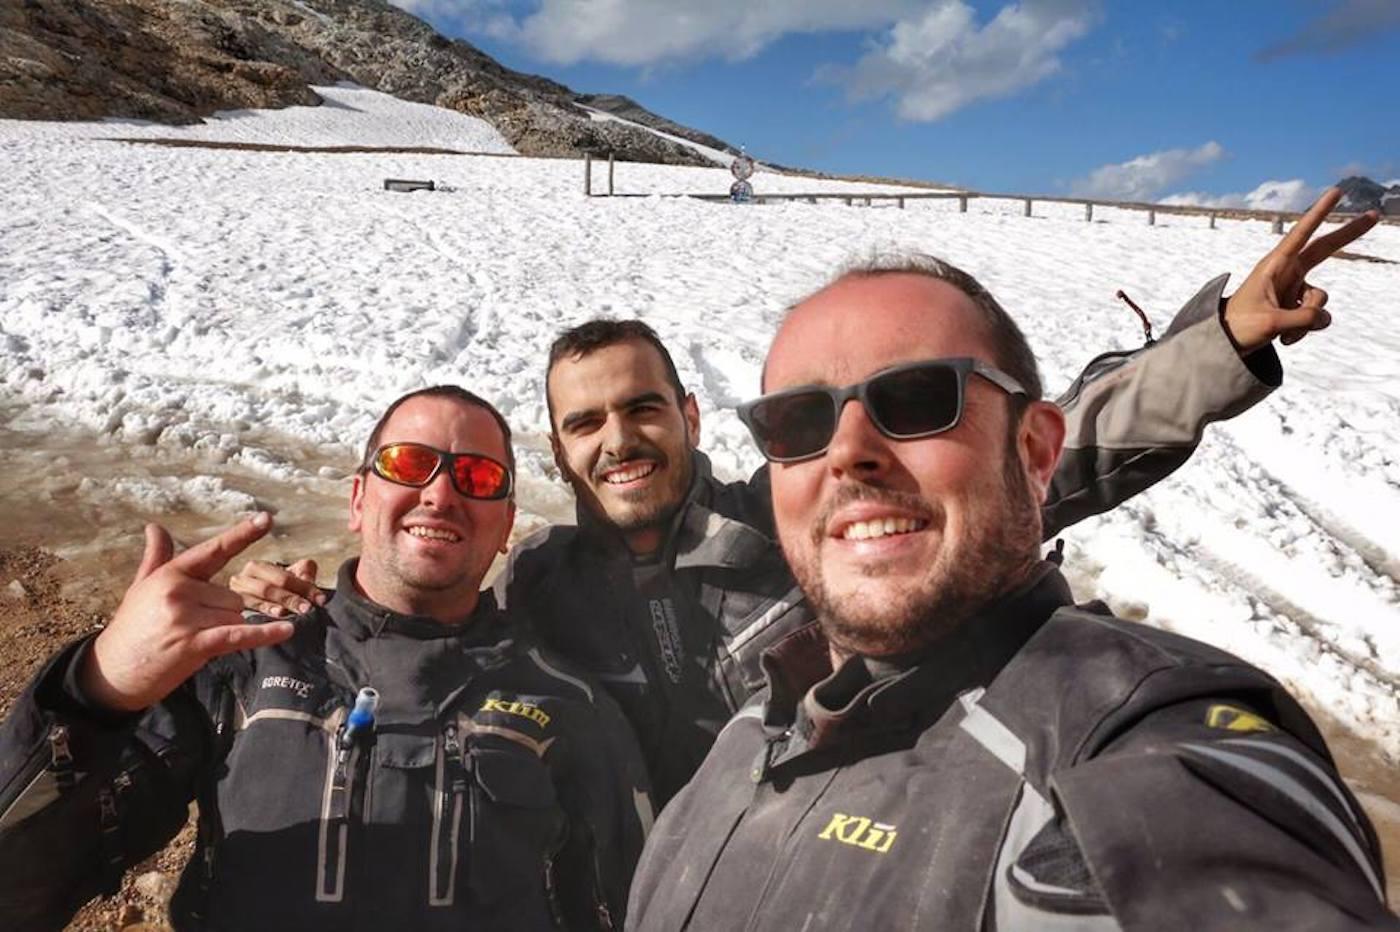 TwinTrail behind the scenes: ¿Quien es Martín Solana?